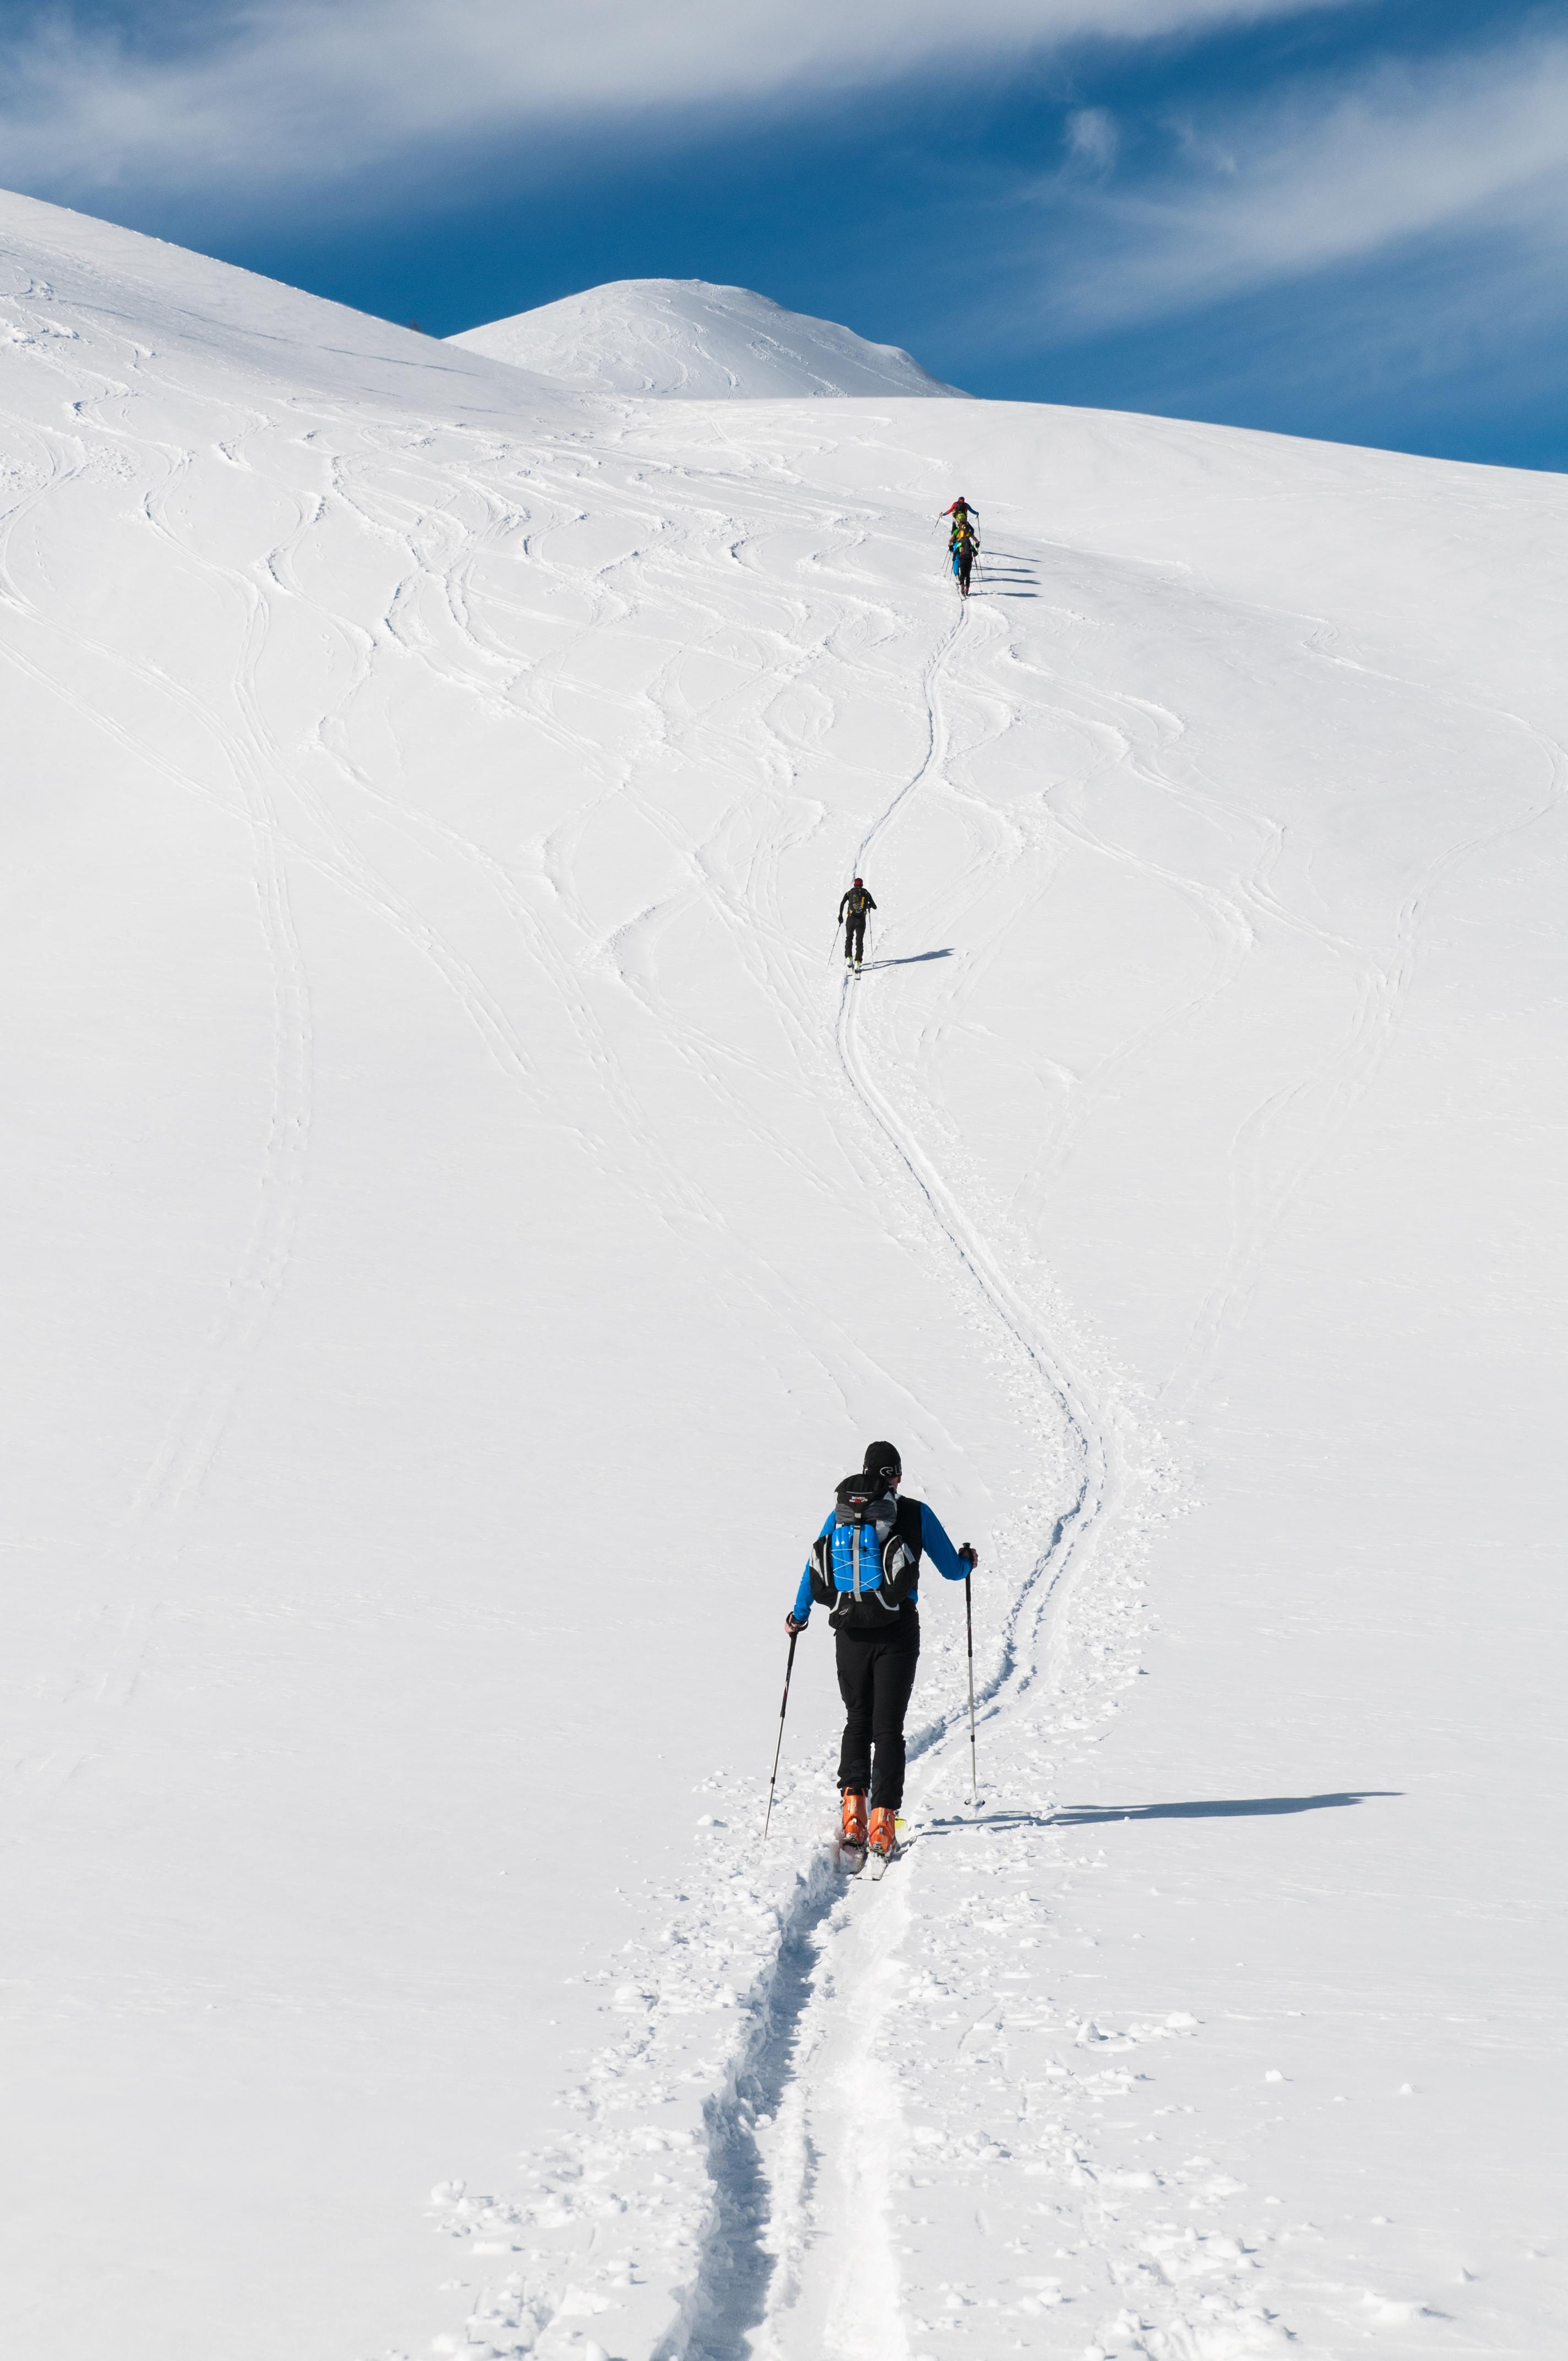 80757 скачать обои Спорт, Лыжники, Гора, Снег, Поход, Зима - заставки и картинки бесплатно